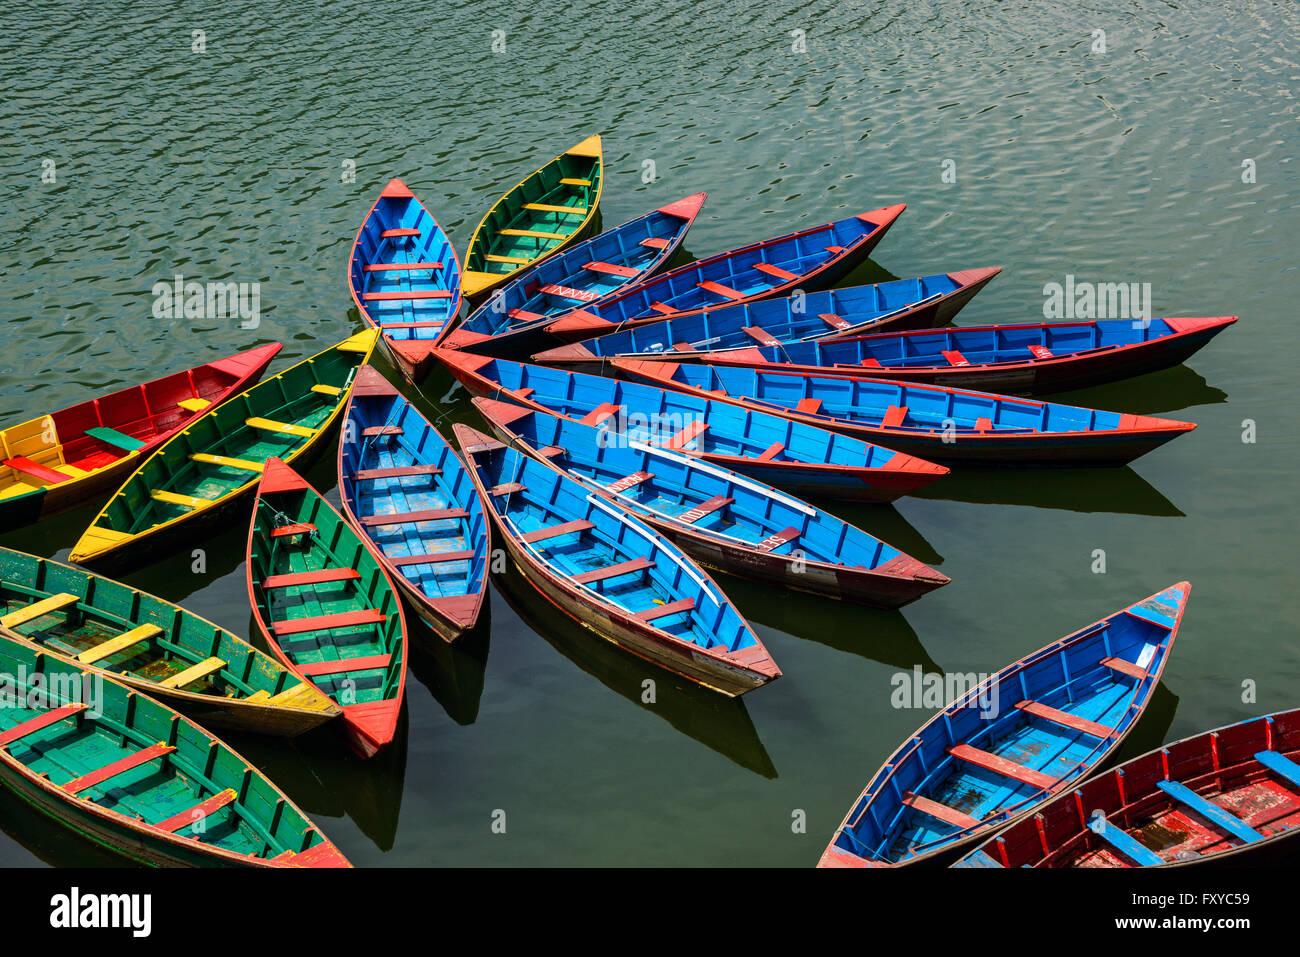 Colorful small boats on Phewa Lake in Pokhara, Nepal - Stock Image